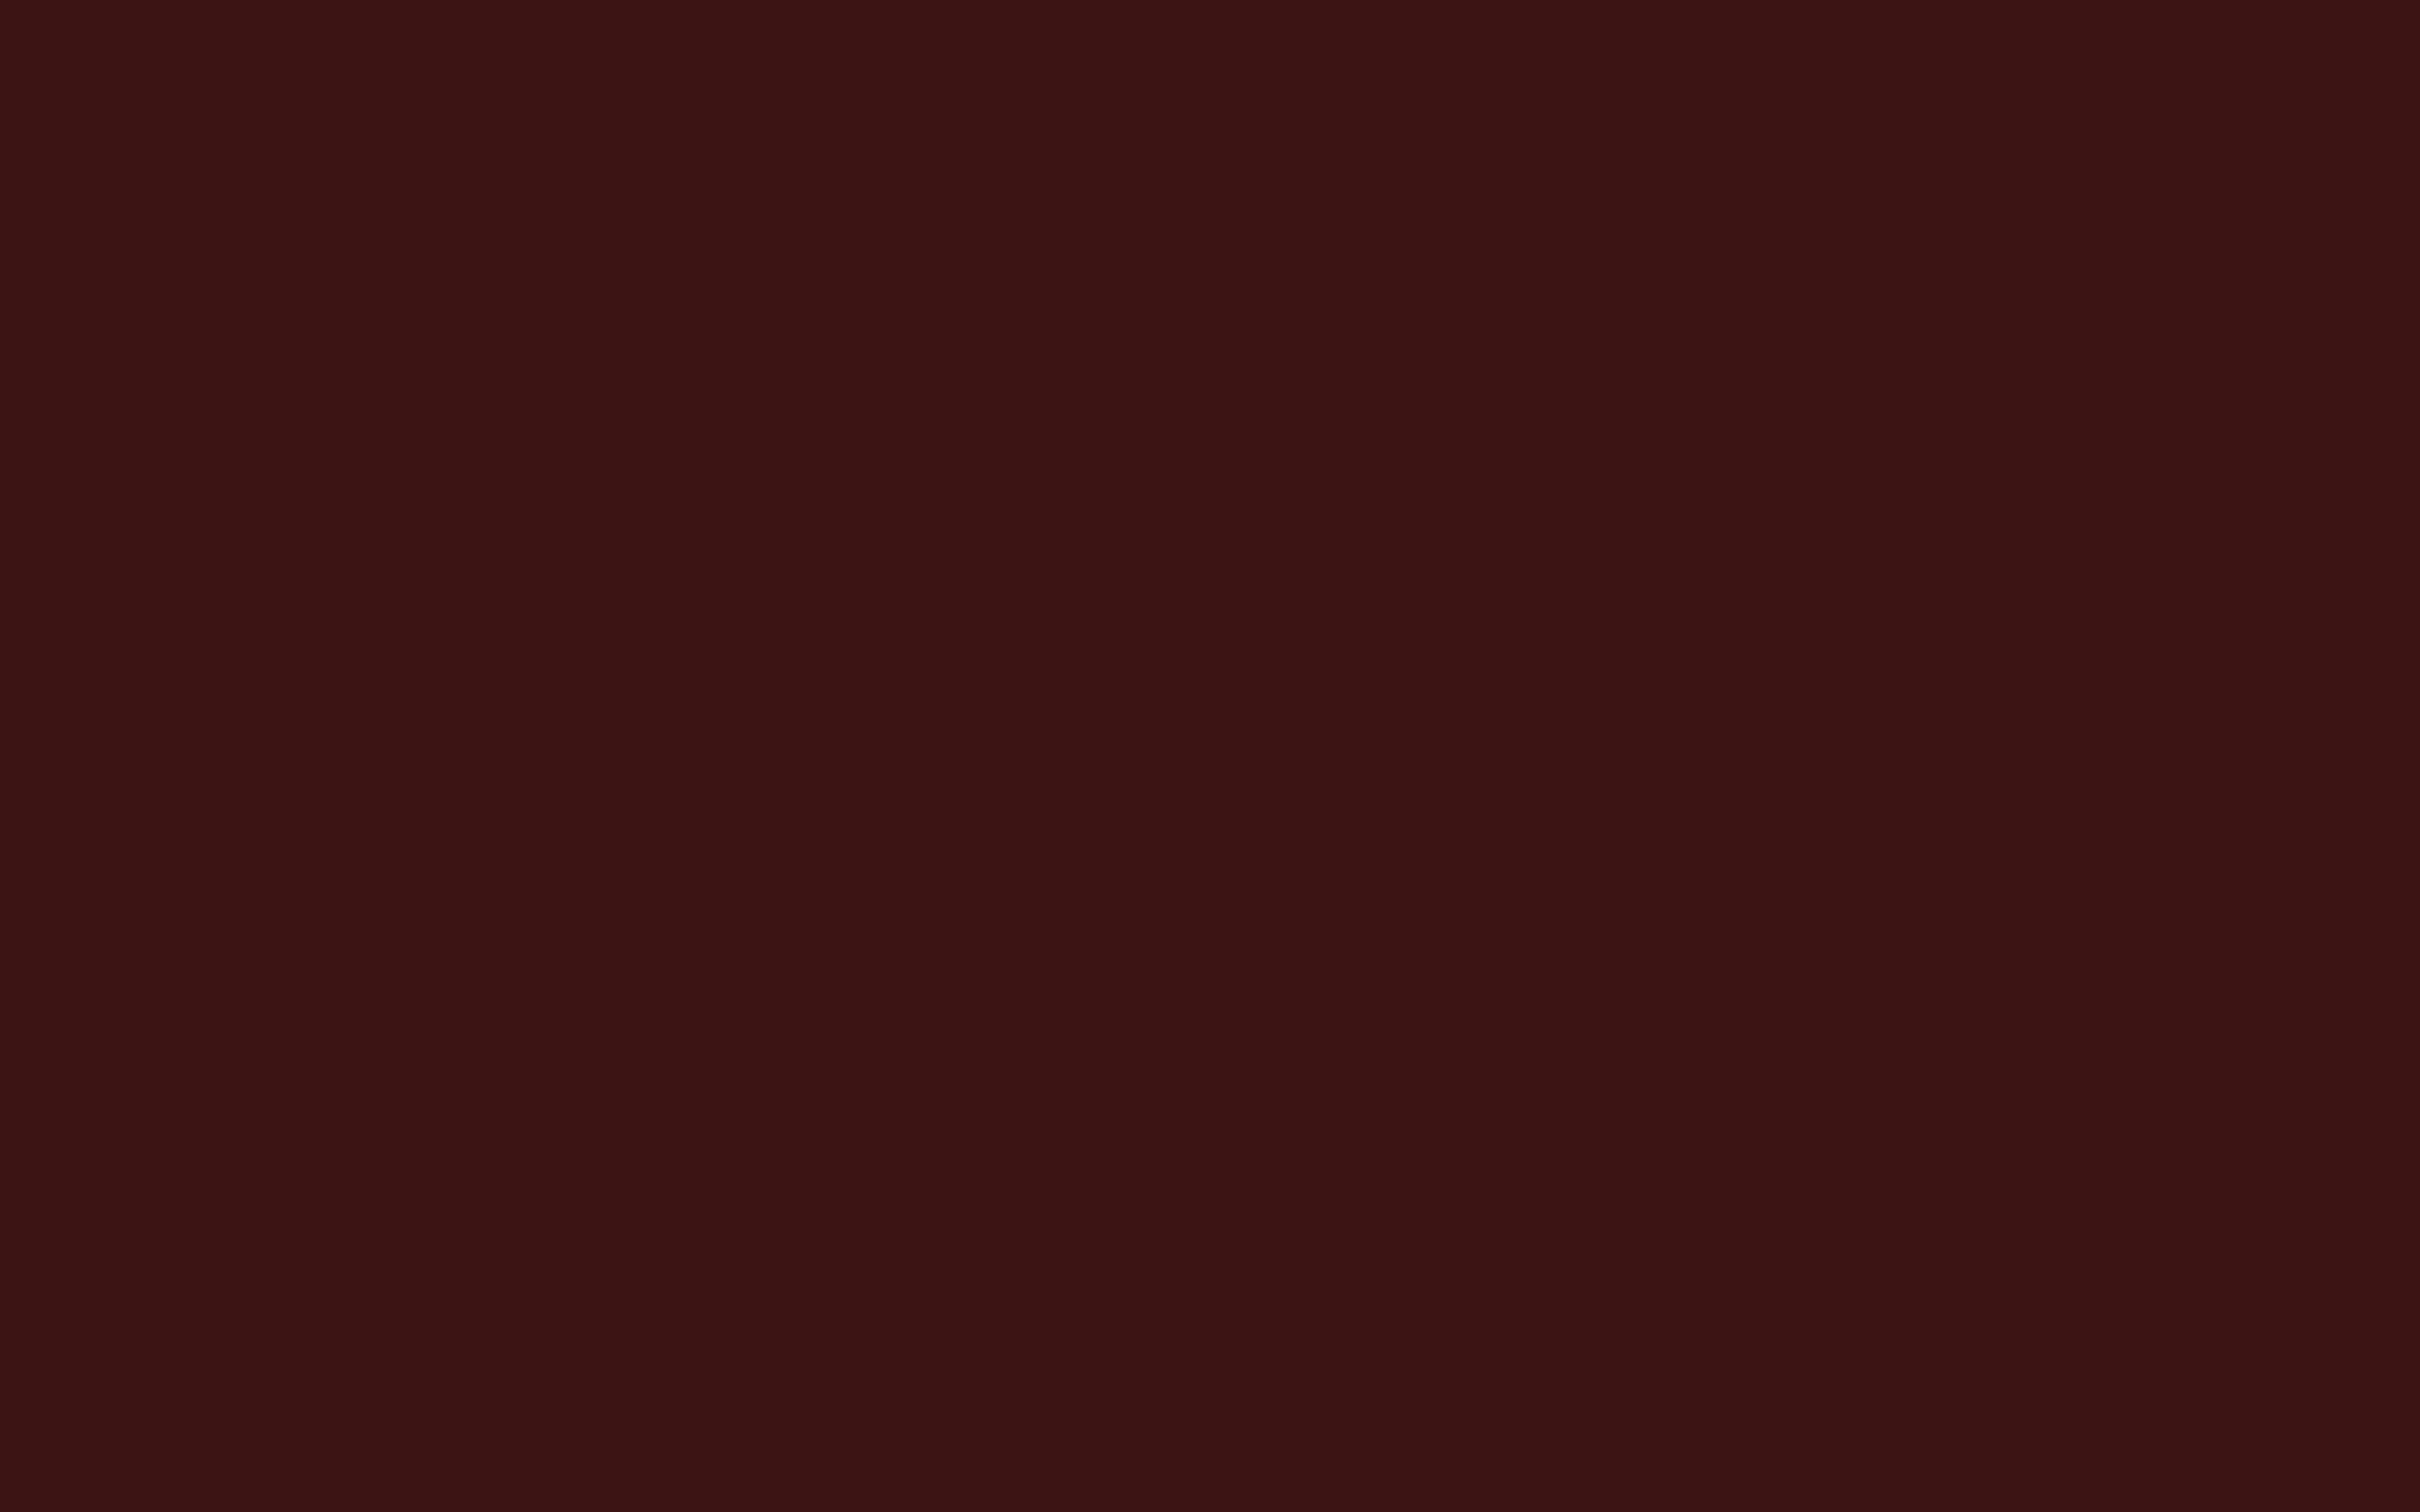 2560x1600 Dark Sienna Solid Color Background